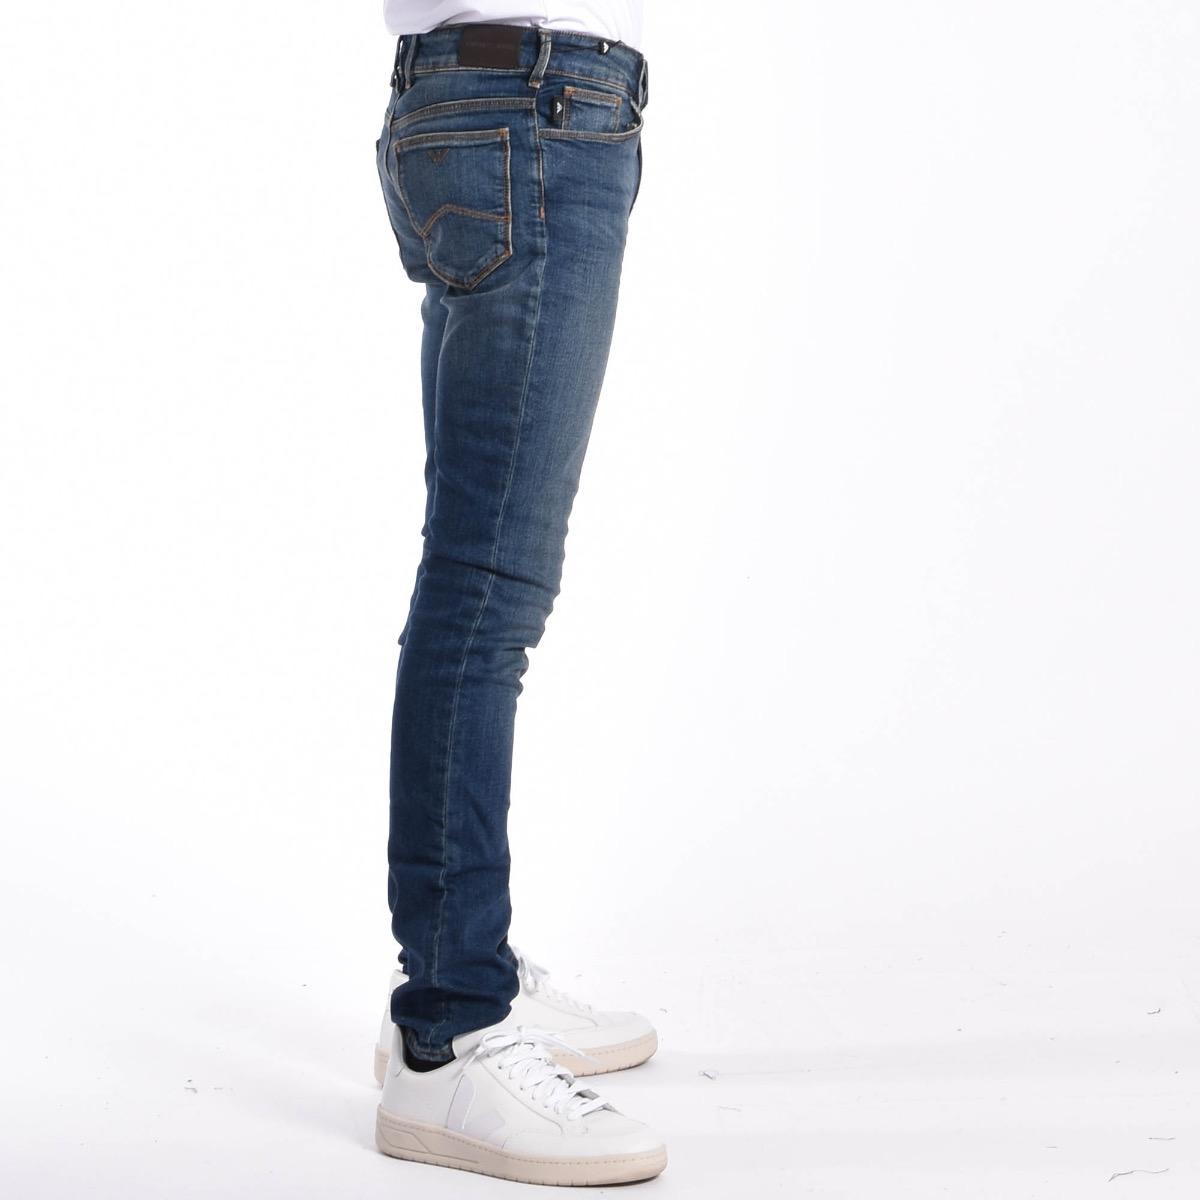 Jeans vintage - Denim